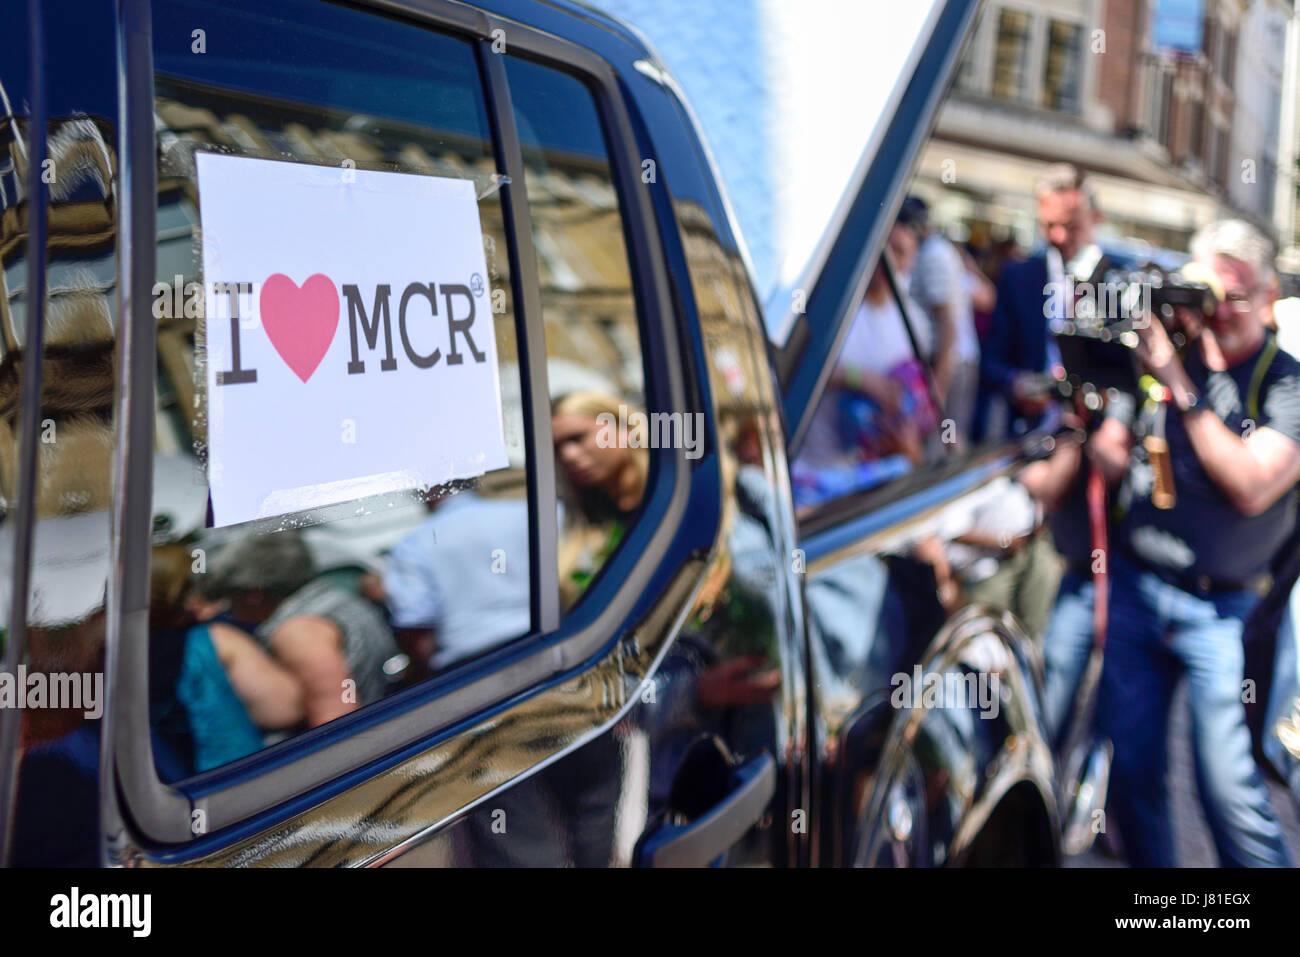 Manchester, UK. 26 mai 2017. L'océan des tributs floraux grandit à St Ann's Square au cœur du Photo Stock